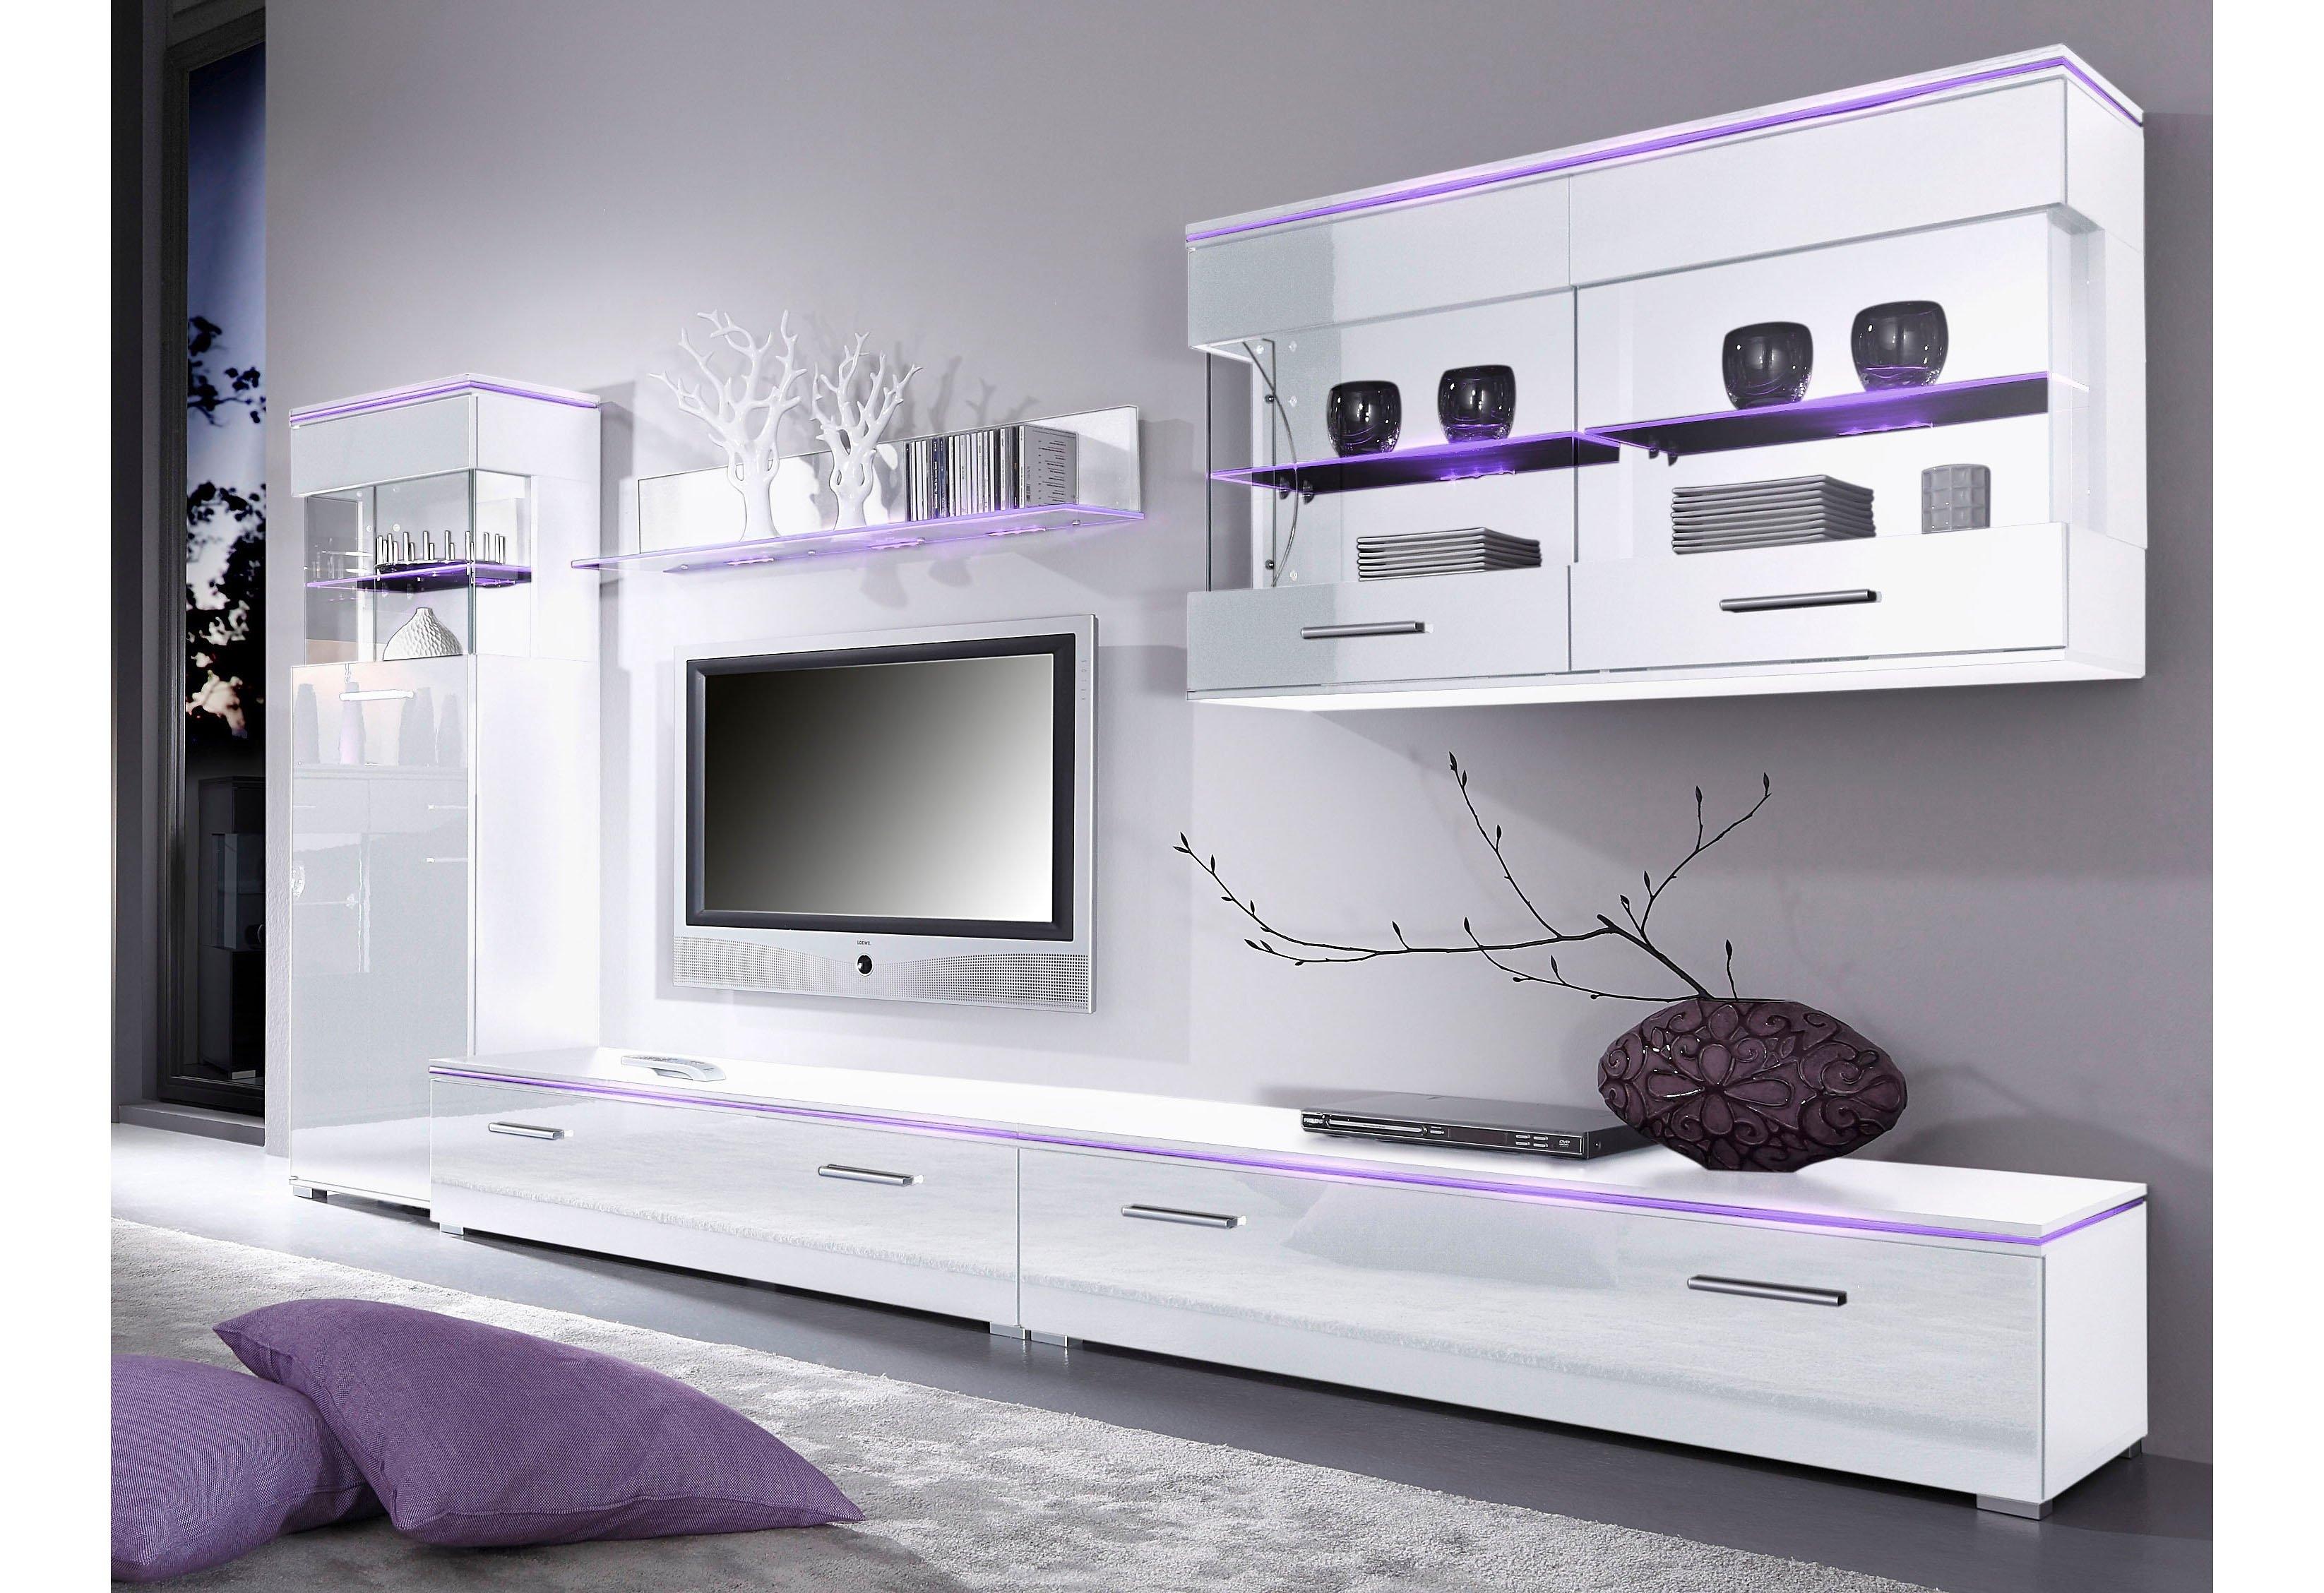 TV-lowboard van 120 cm of 180 cm breed bestellen: 30 dagen bedenktijd